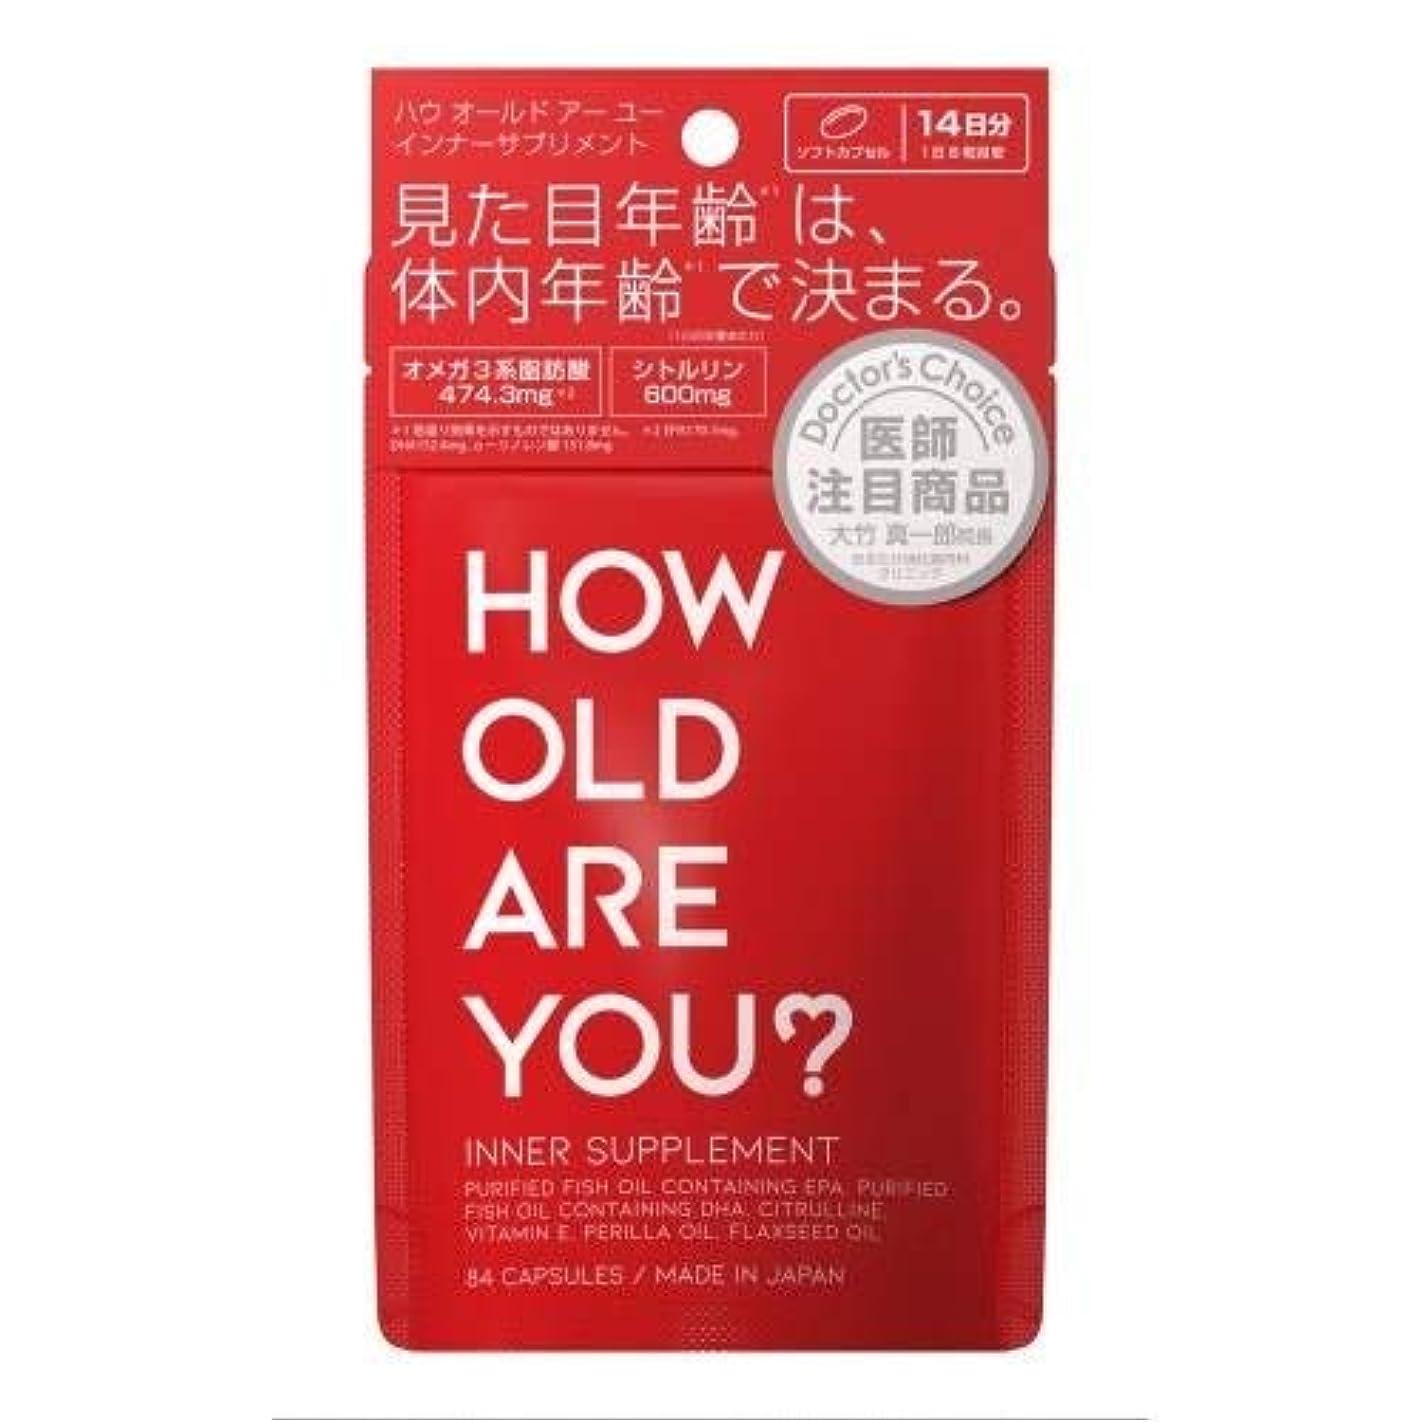 修正文驚くべきHOW OLD ARE YOU?(ハウオールドアーユー) インナーサプリメント 84粒